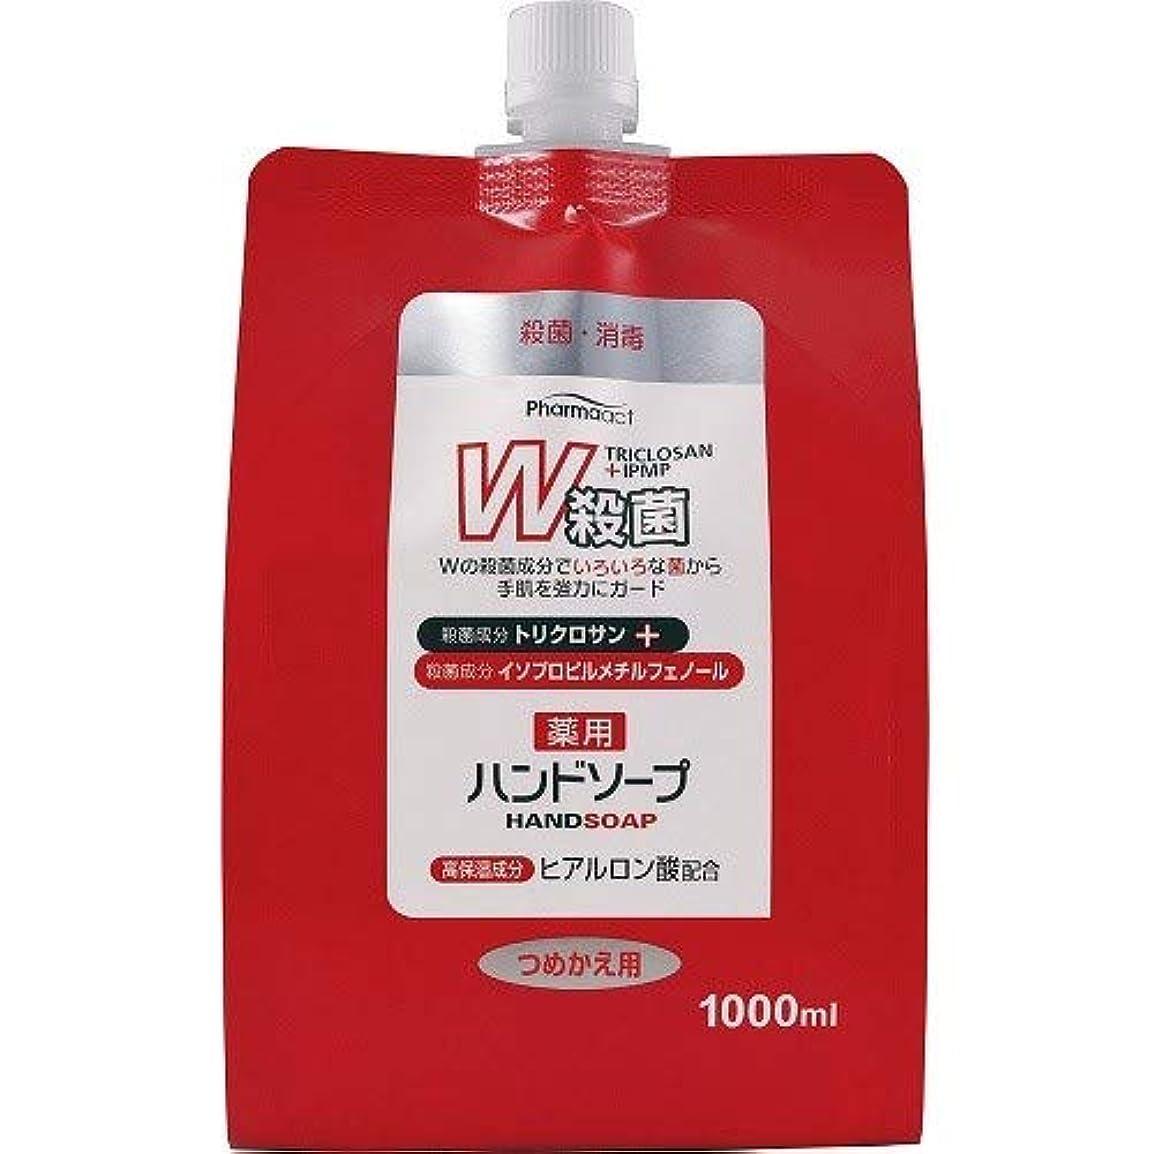 おばあさんさておきによるとファーマアクト W殺菌薬用ハンドソープ スパウト付き詰替 1000ml